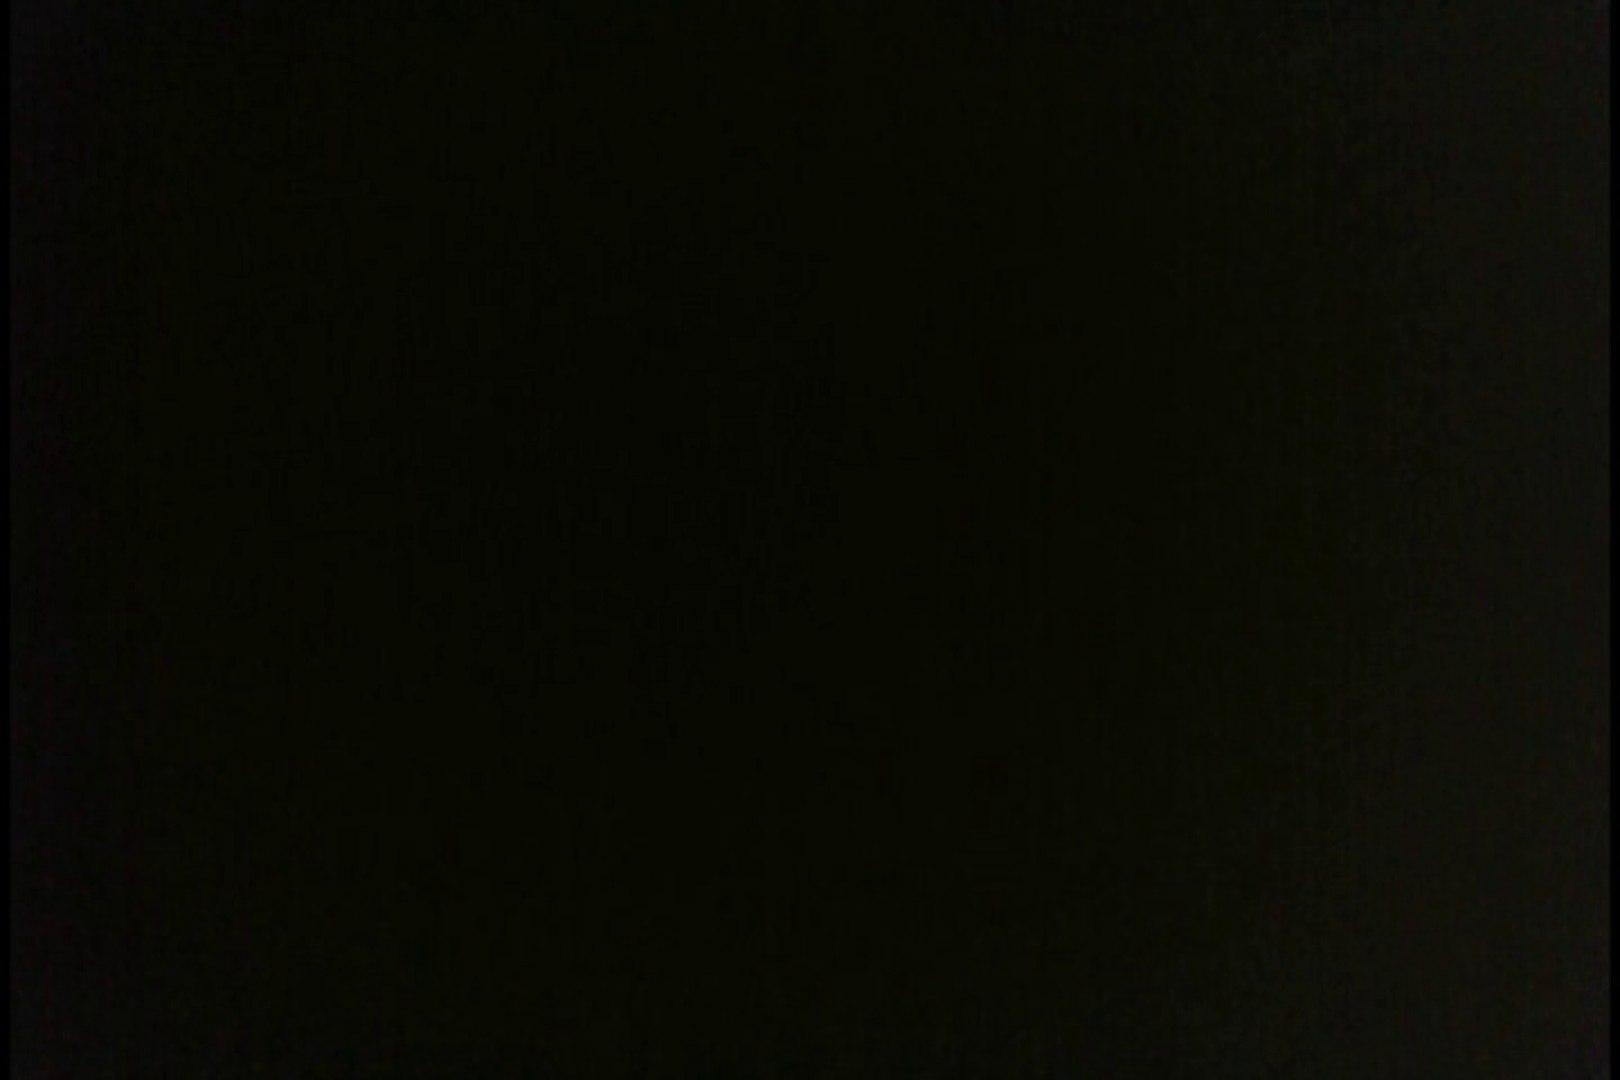 投稿!山下さんの闘病日記 消毒ナース! vol.06 投稿   Hなナース  94pic 27